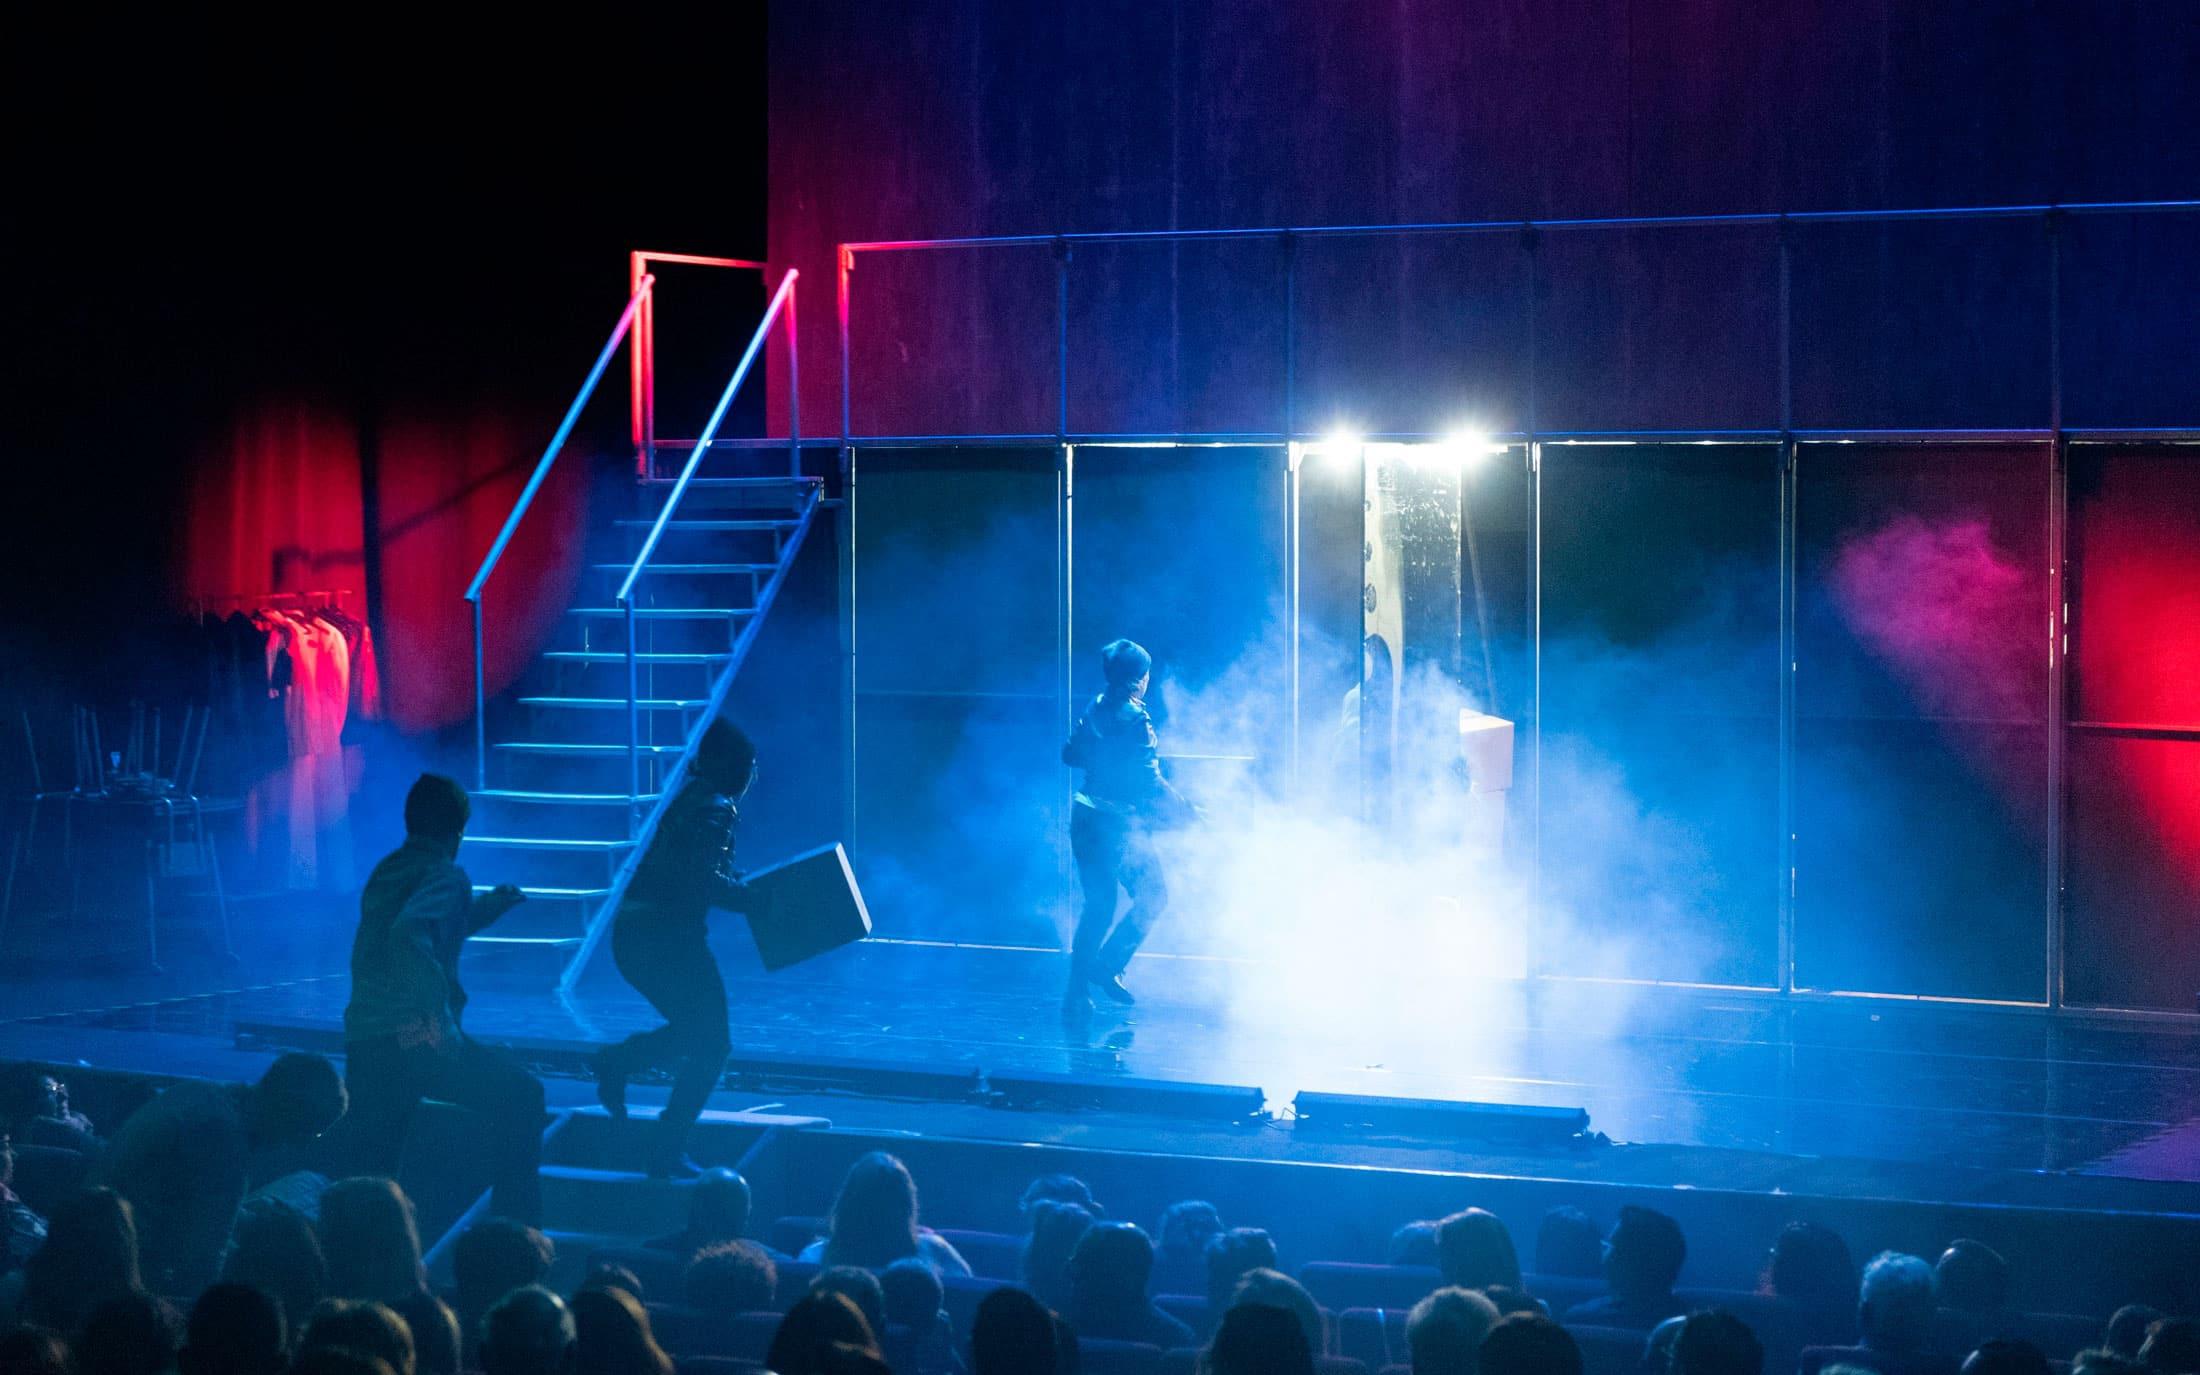 Hombres subiendo fardos de droga al escenario, durante una escena de la obra de teatro Fariña